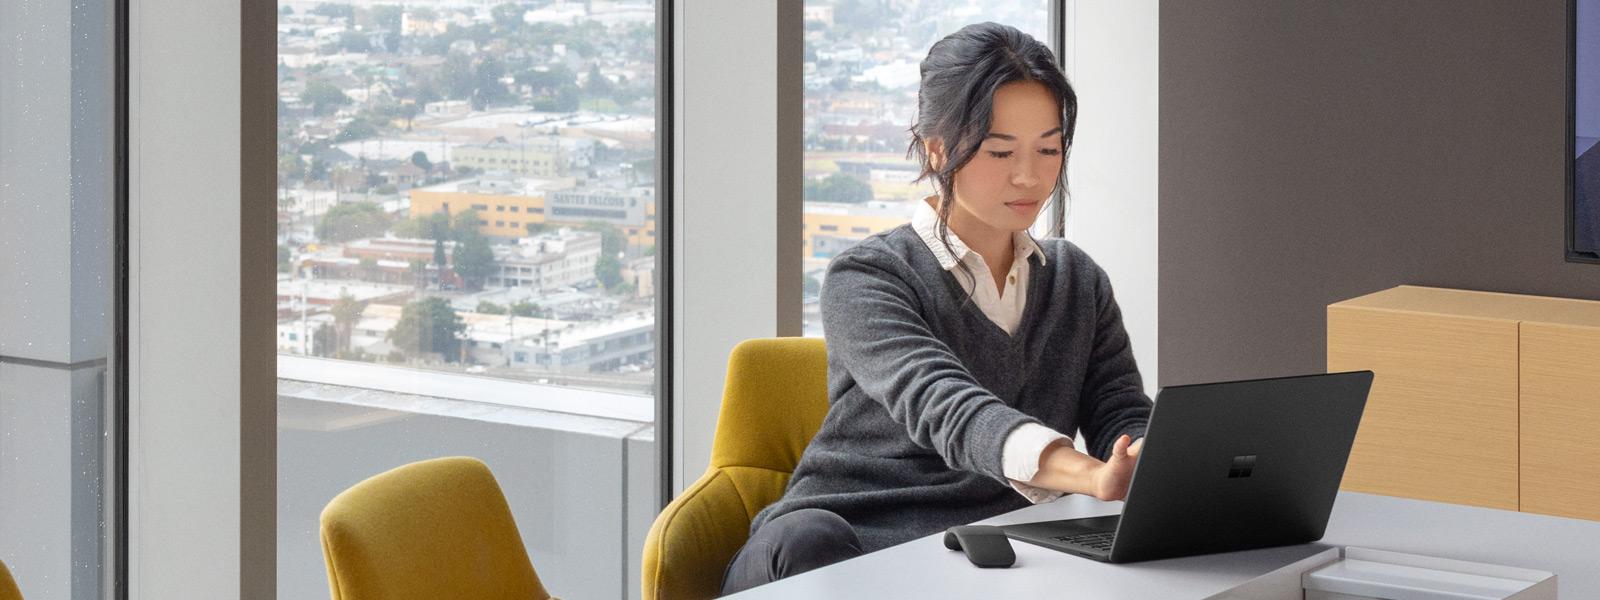 En kvinna jobbar vid sitt skrivbord på sin Surface Laptop 2 i matt svart